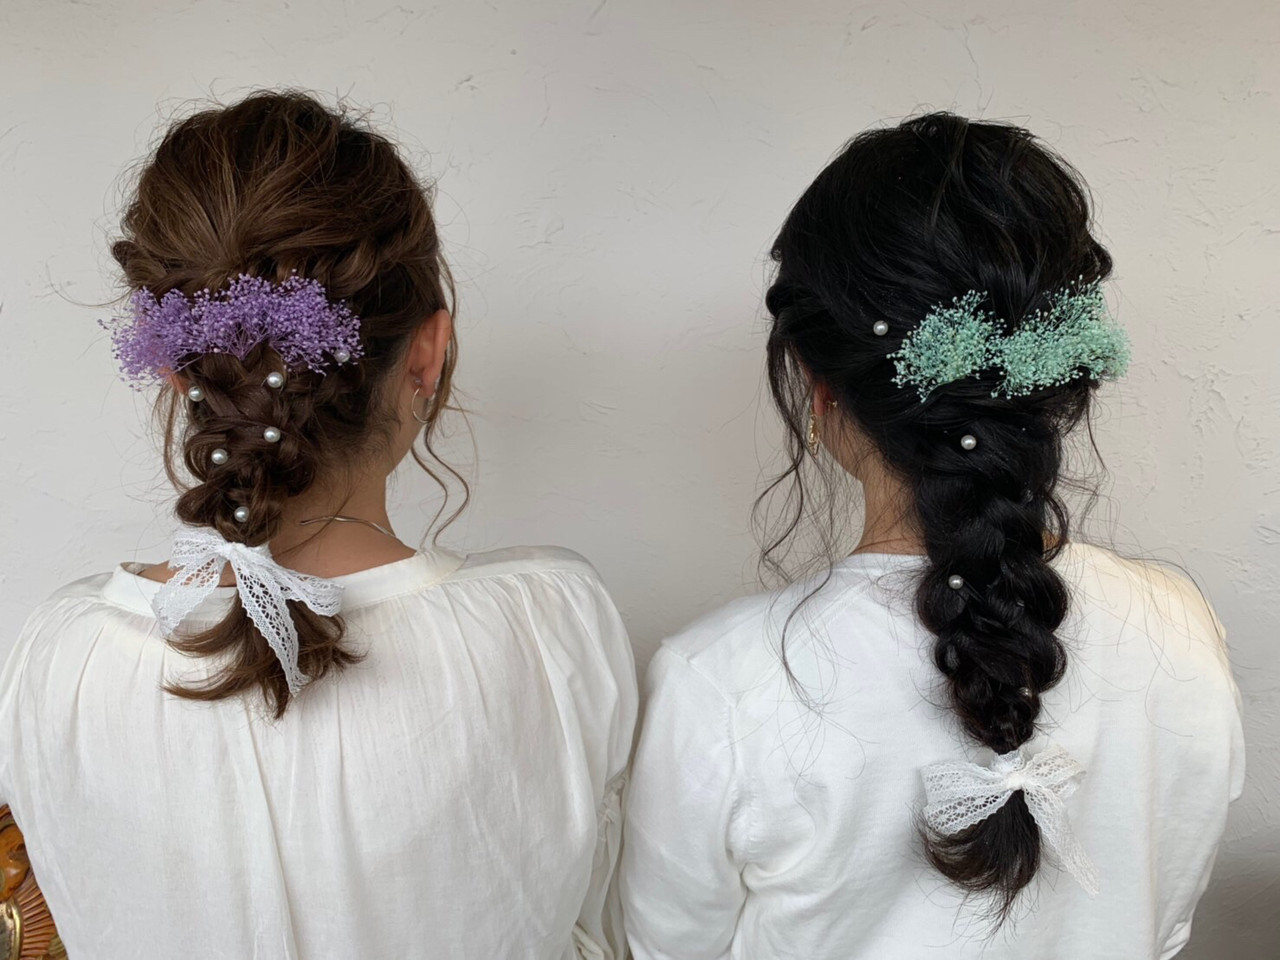 ガーリー 成人式 ヘアアレンジ 結婚式 ヘアスタイルや髪型の写真・画像